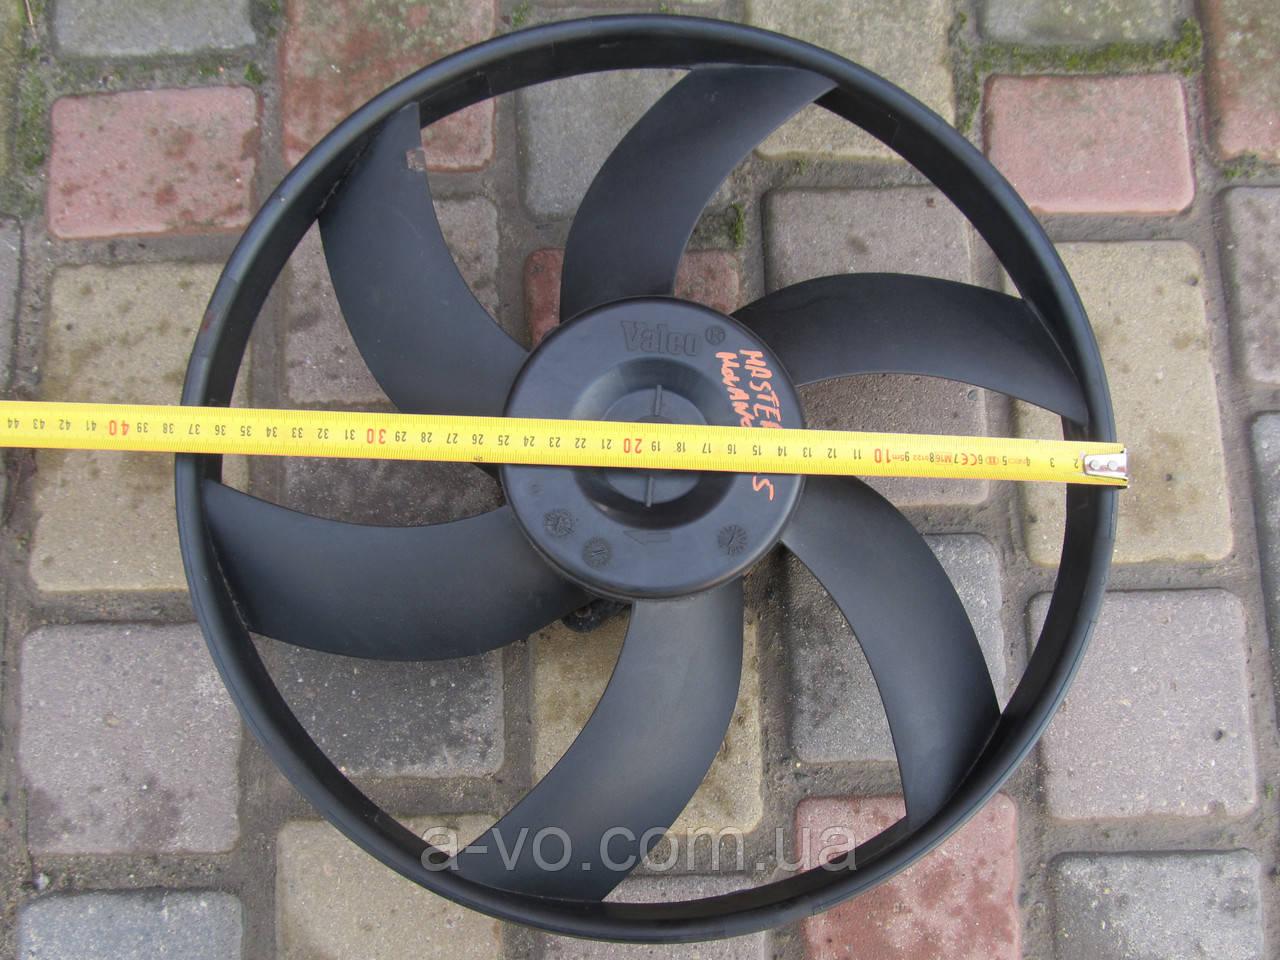 Вентилятор основного радиатора дляRenault Master Opel Movano 2.5D, 856627C